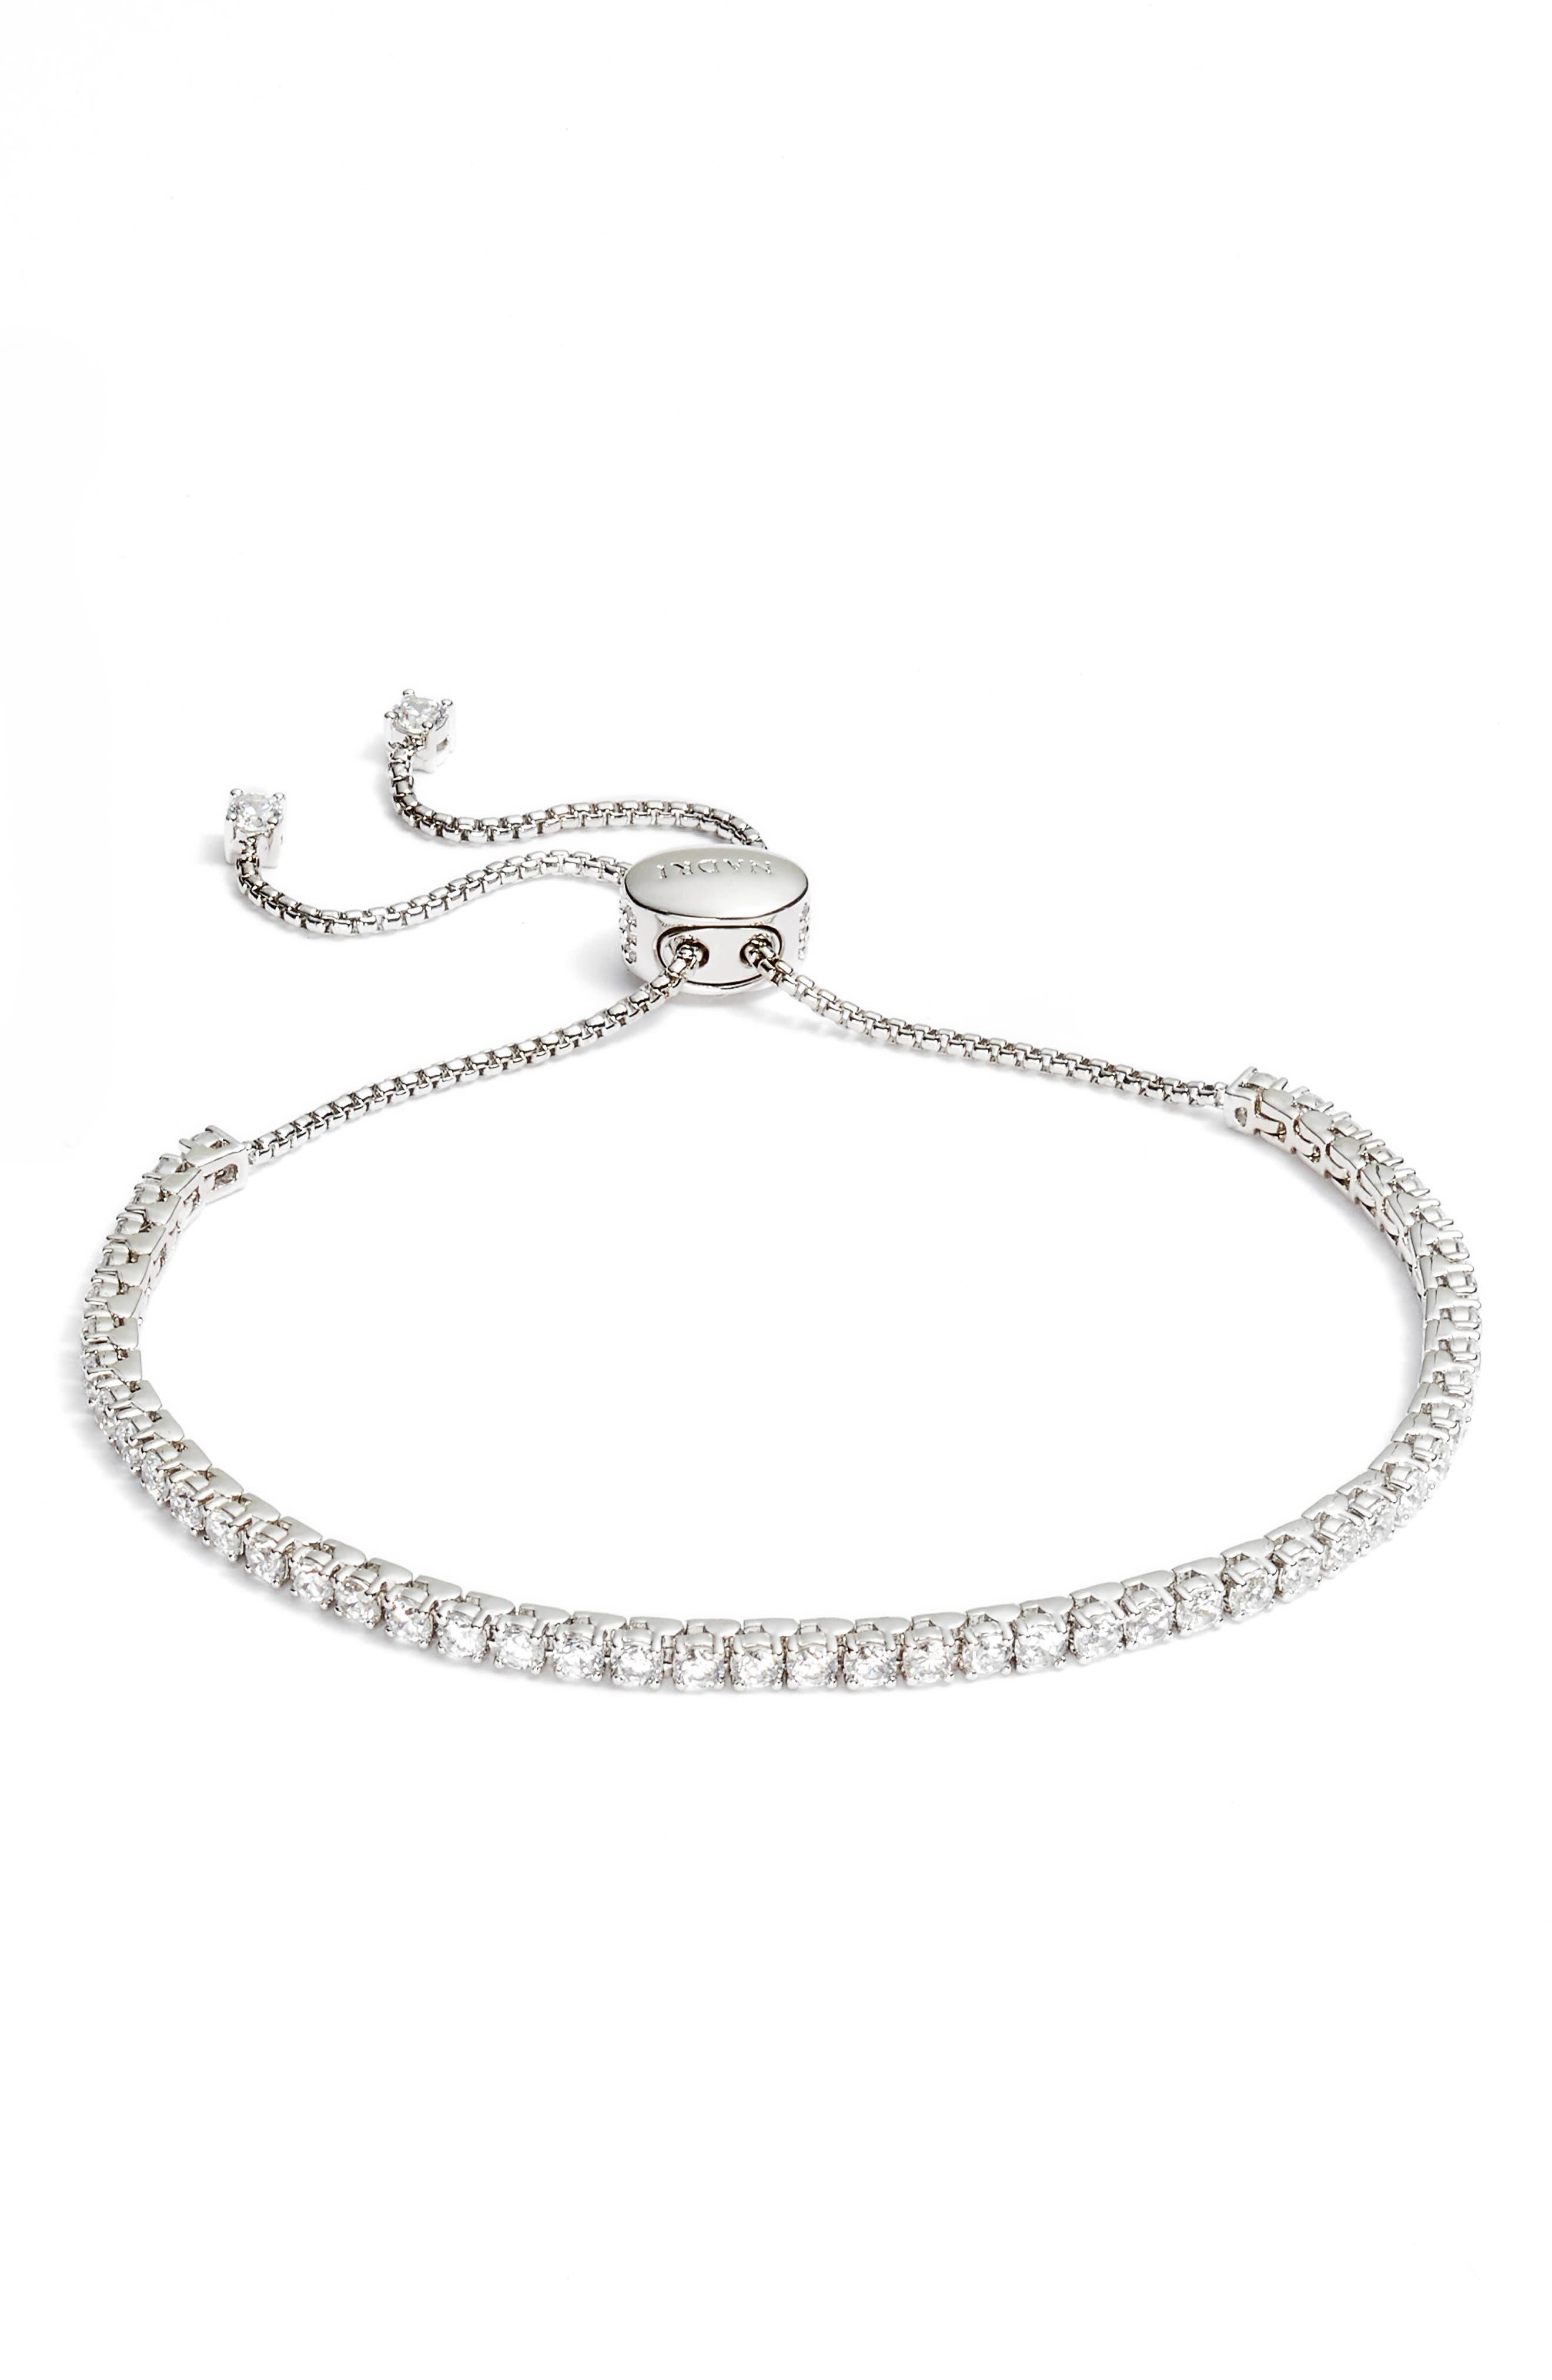 Cubic Zirconia Tennis Bracelet,                             Main thumbnail 1, color,                             Silver